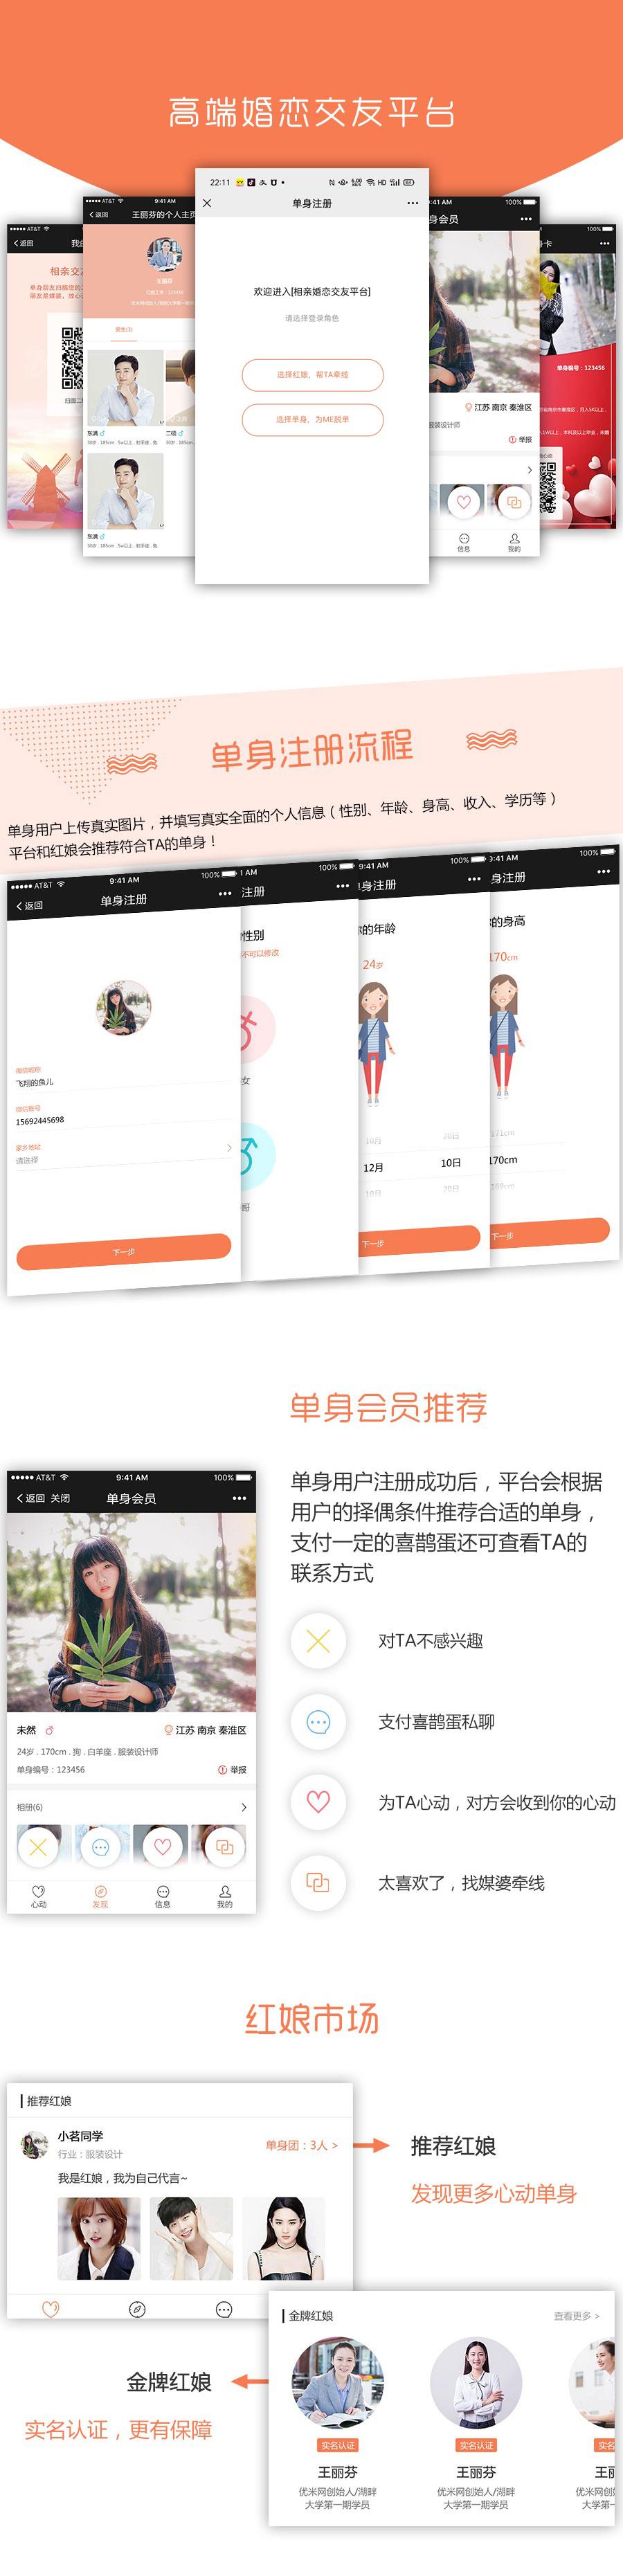 相亲婚恋交友平台1.jpg